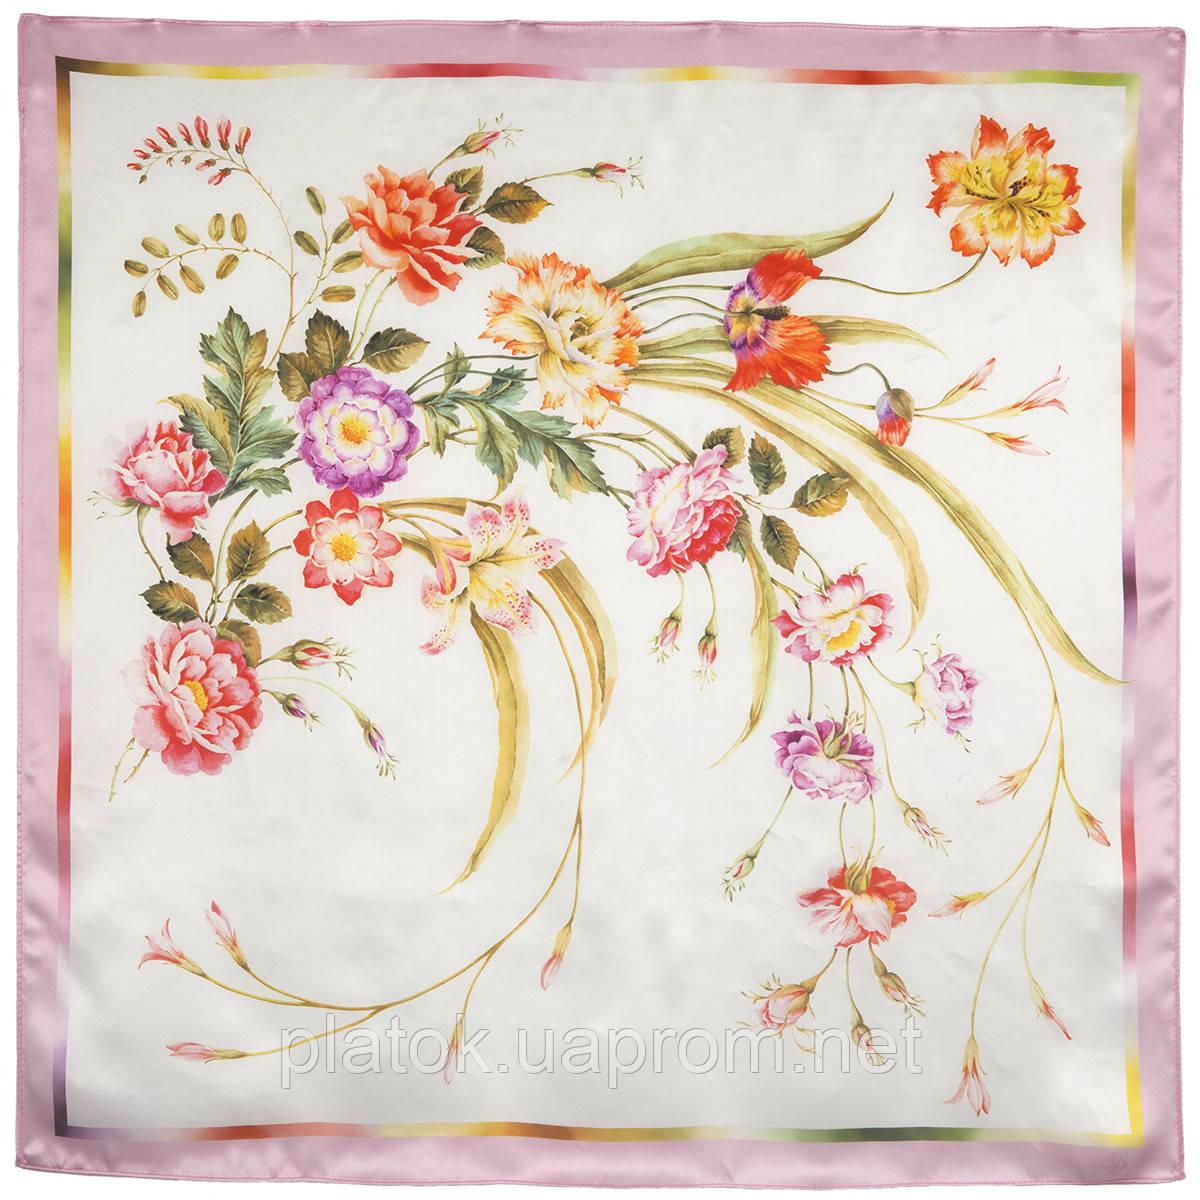 Лунный сад 10018-4, павлопосадский платок (атлас) шелковый с подрубкой